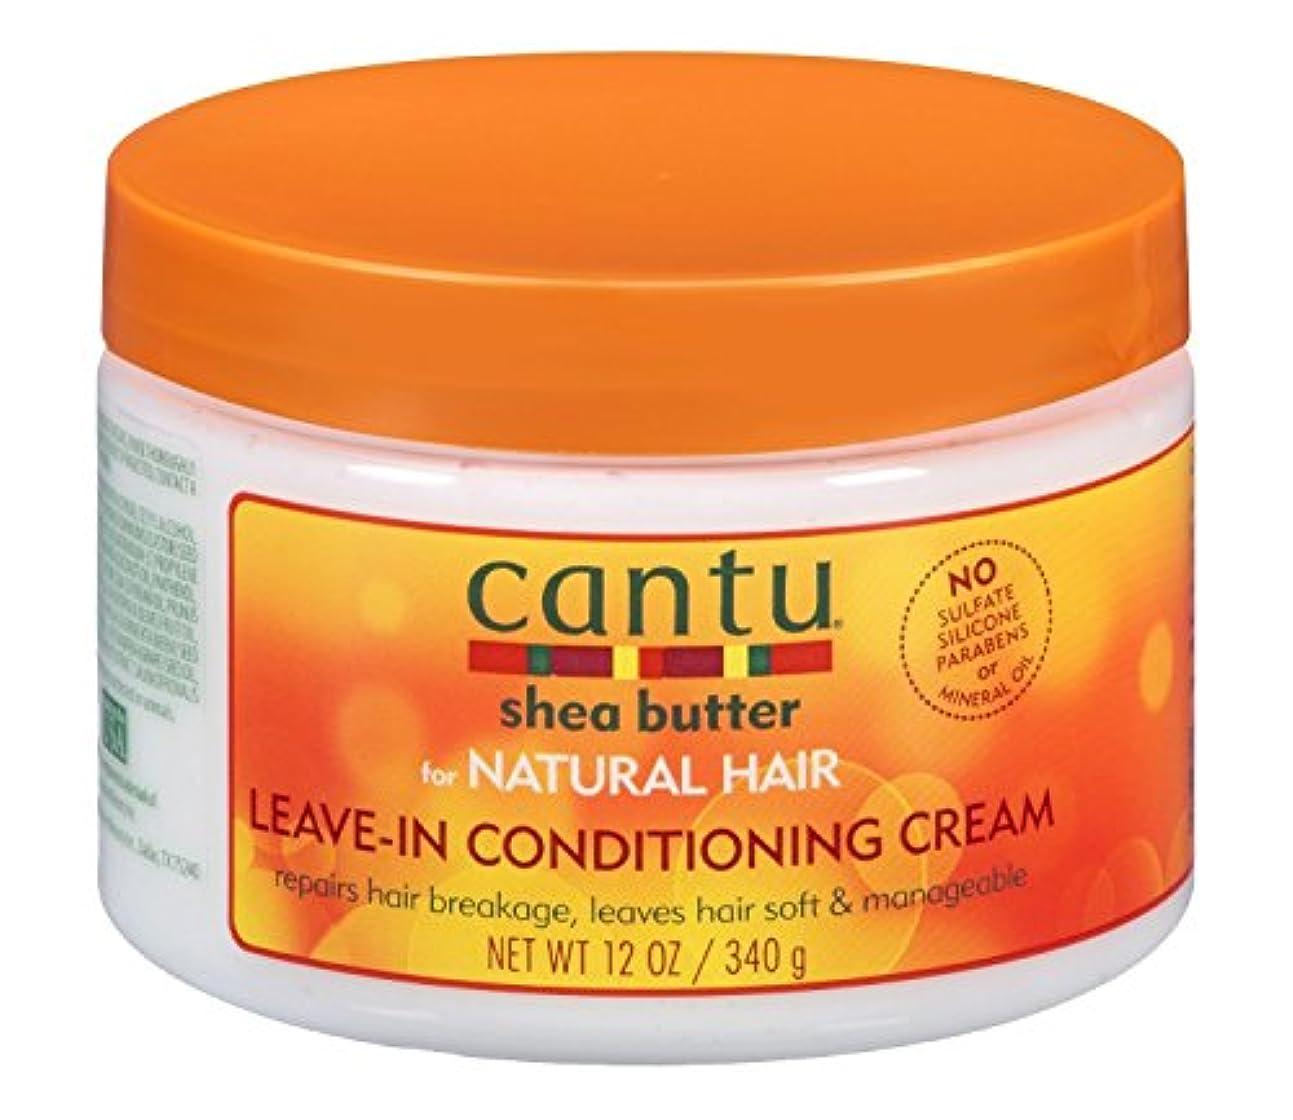 バブル怒って統合Cantu コンディショニングリペアクリームでナチュラルヘアを残すためにシアバター、12オンス